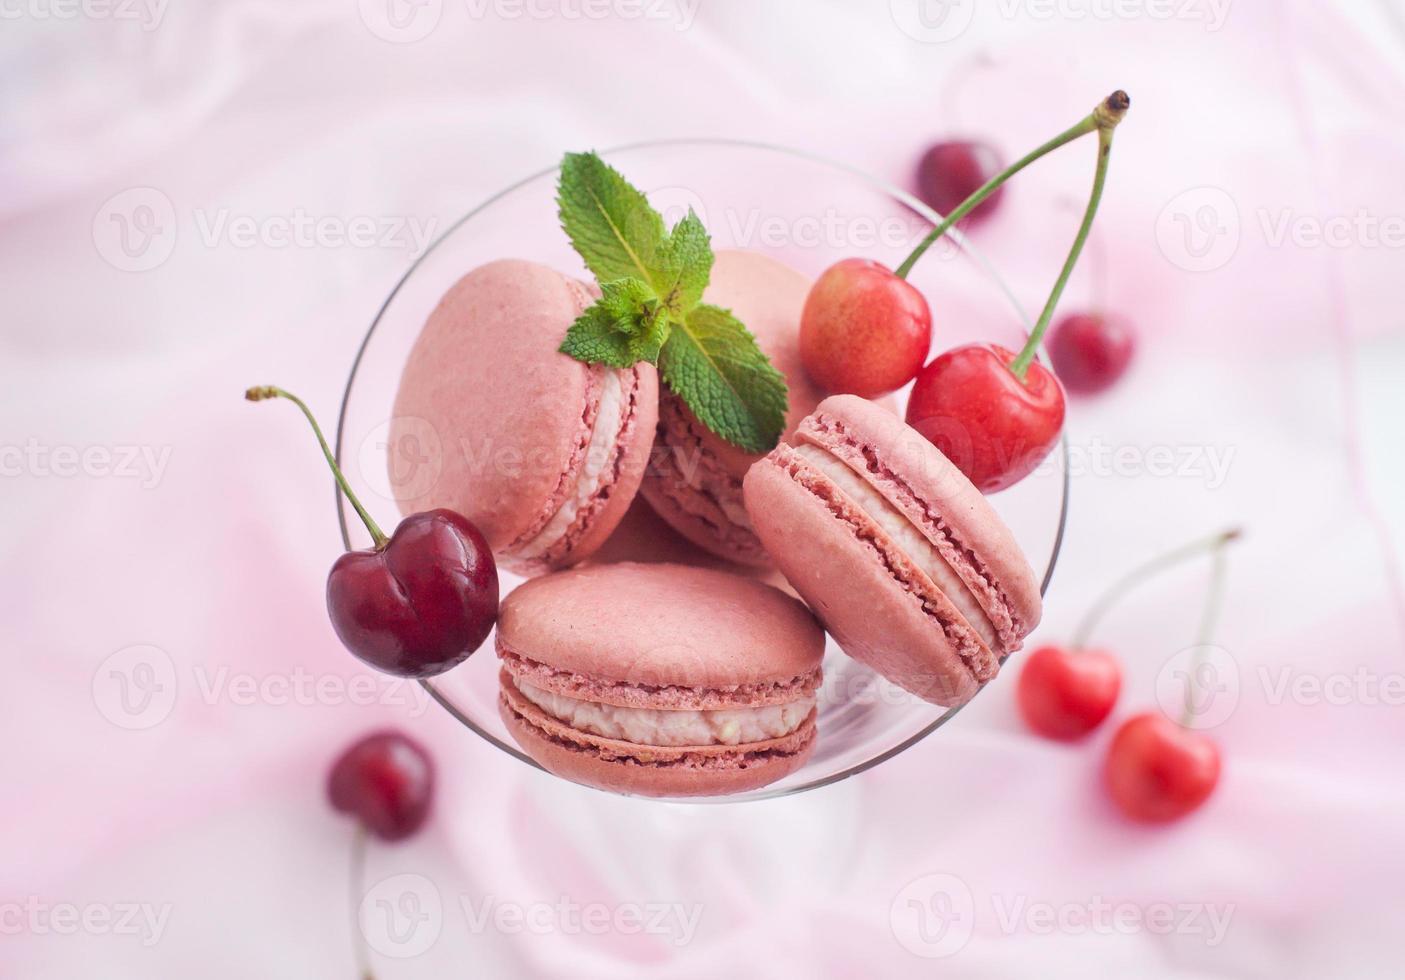 rosa französische Macarons mit Kirsche foto